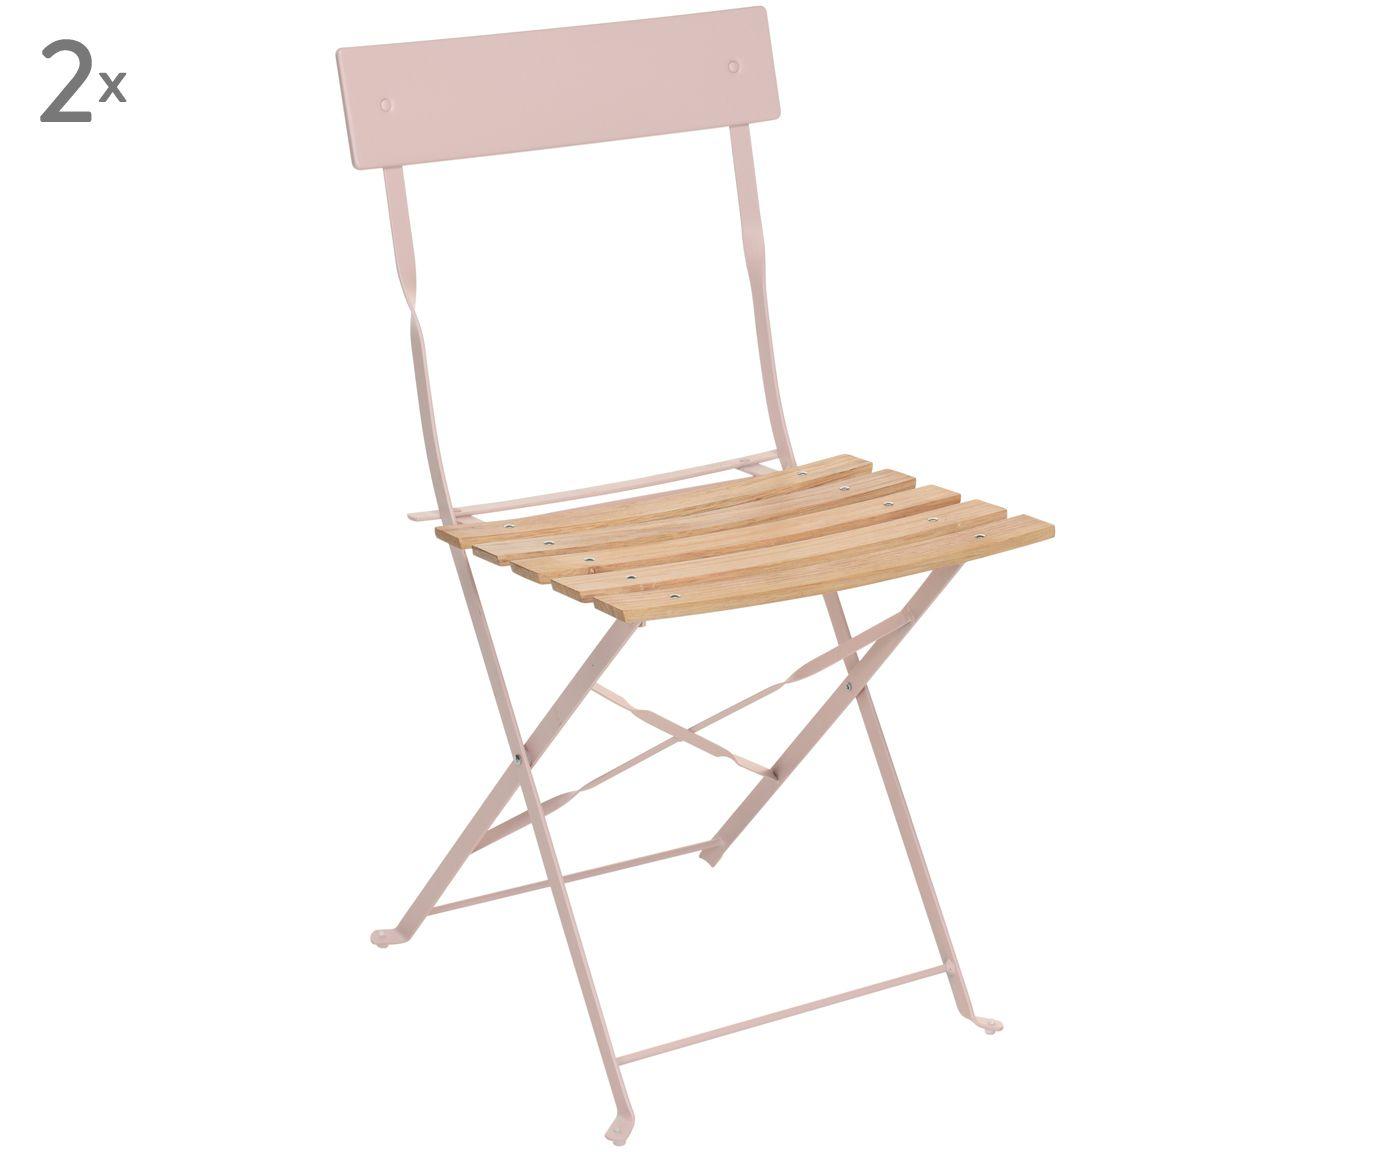 Garten Klappstuhle In Rosa Macht Den Sommer Noch Schoner Entdecken Sie Unseren Outdoor Shop Und Weitere Mobel Auf Westw Klappstuhl Garten Klappstuhl Stuhle